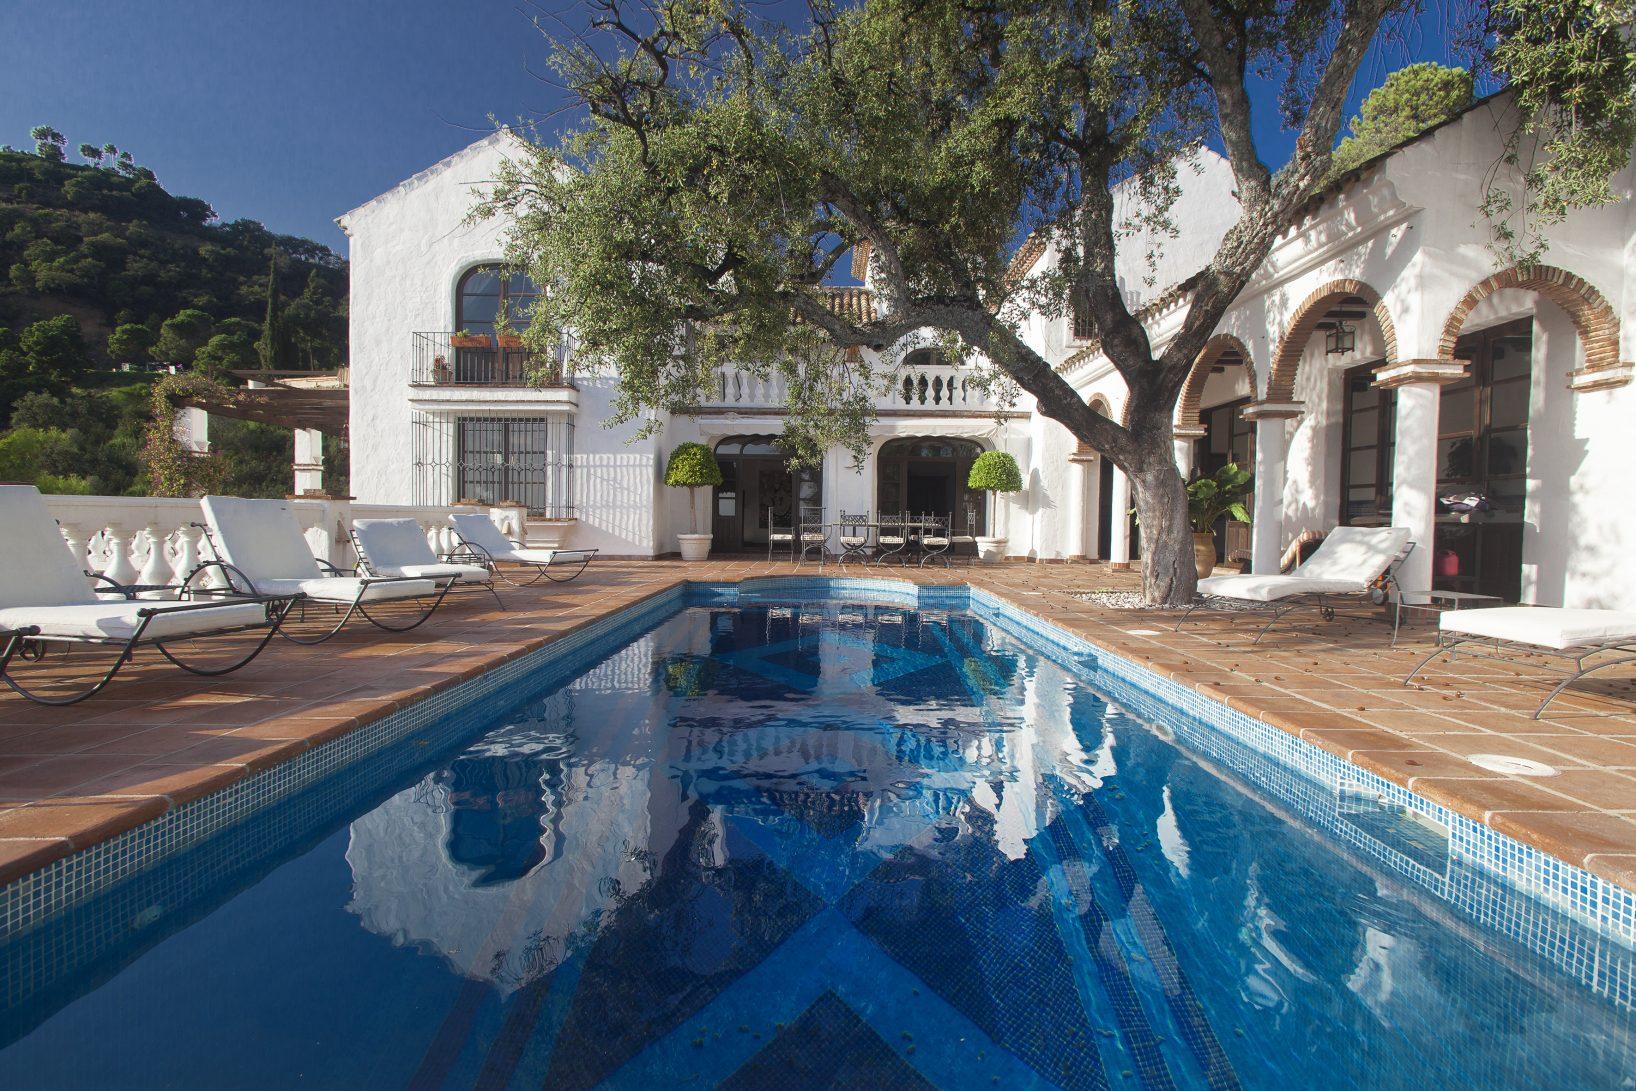 Продажа недвижимости в Испании: цены